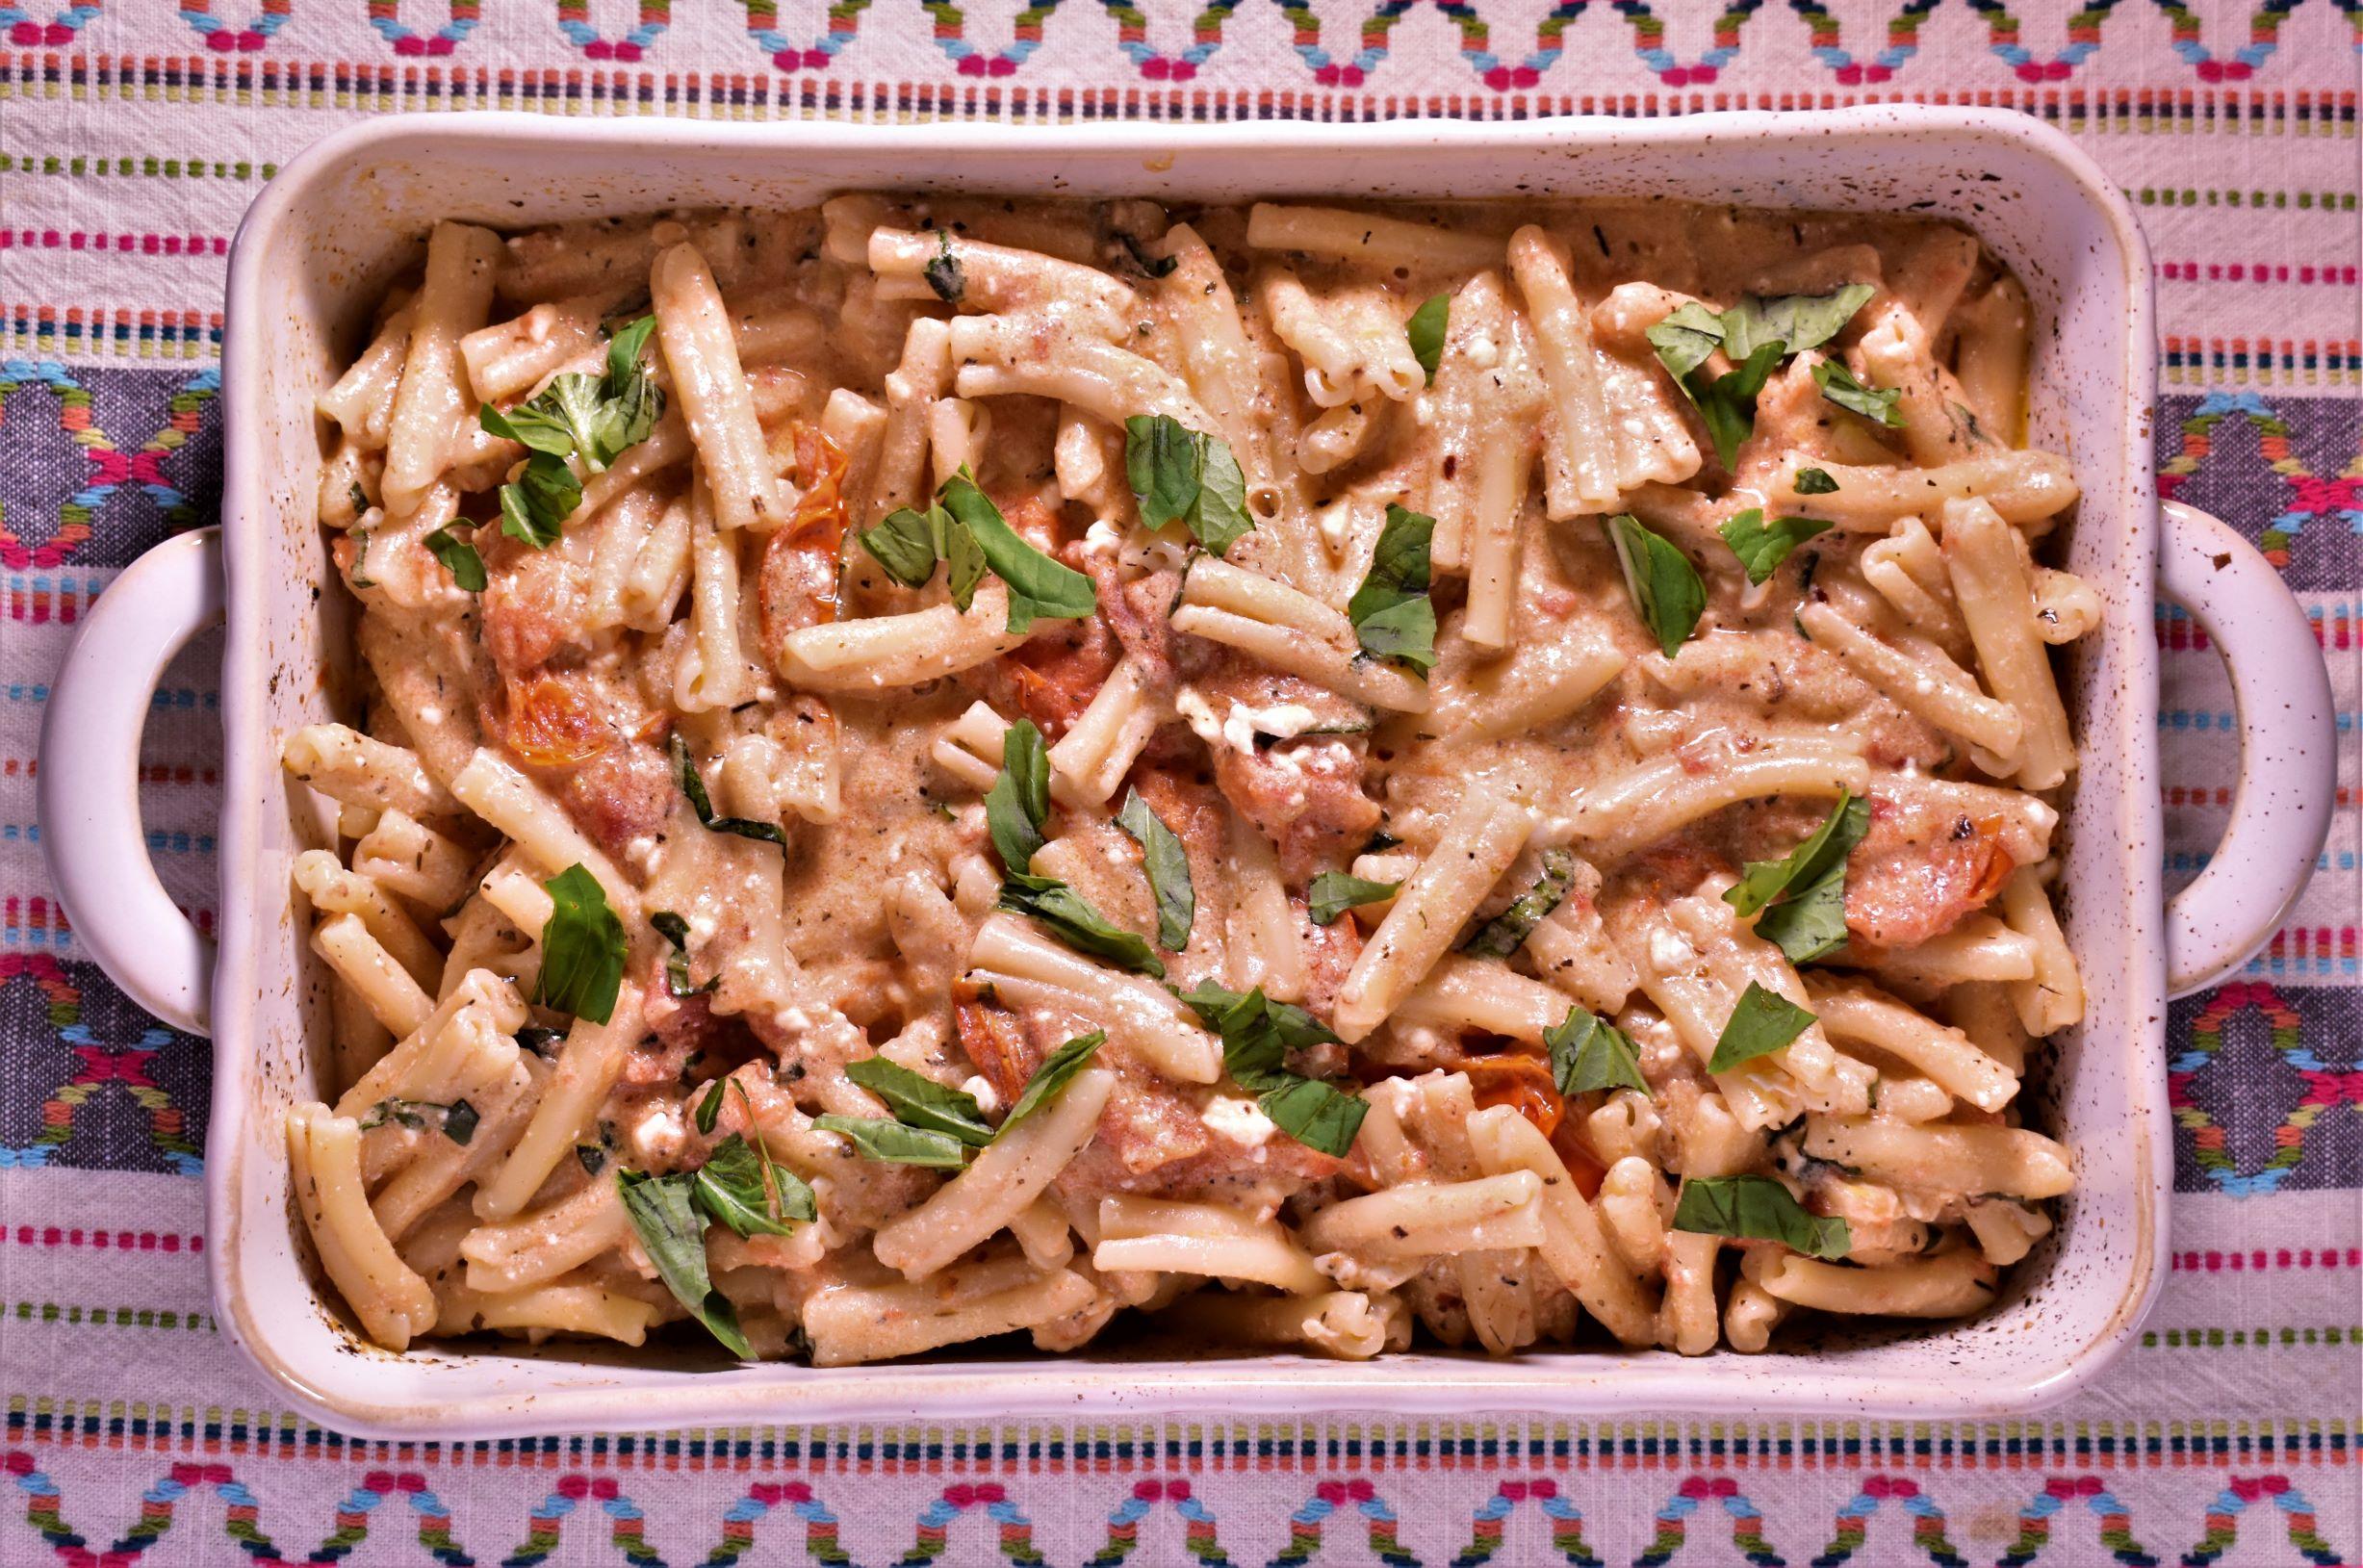 Baked Feta & Tomato Pasta